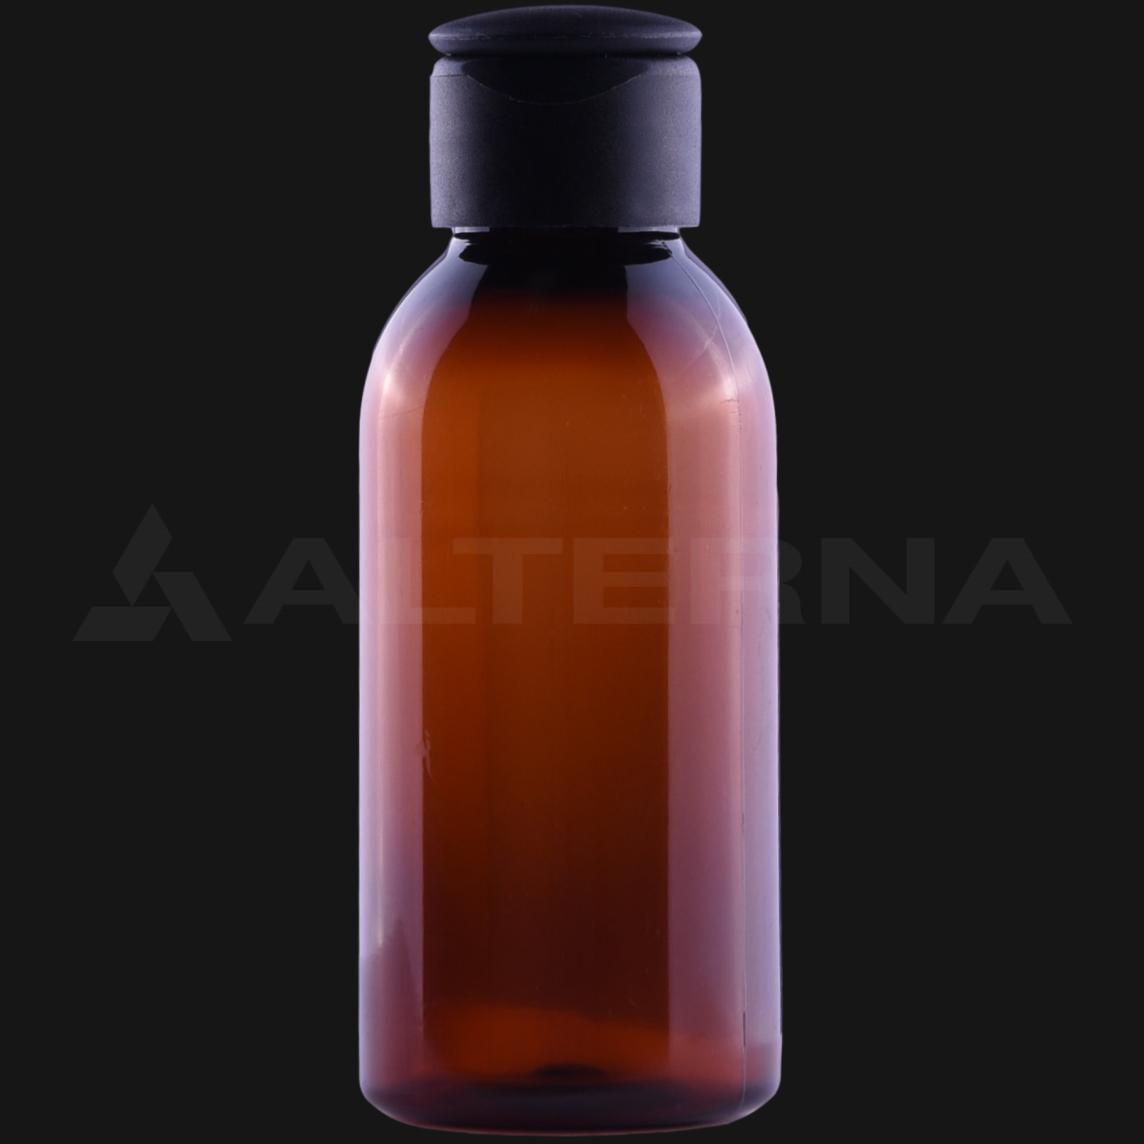 100 ml PET Bottle with 24 mm Flip Top Cap